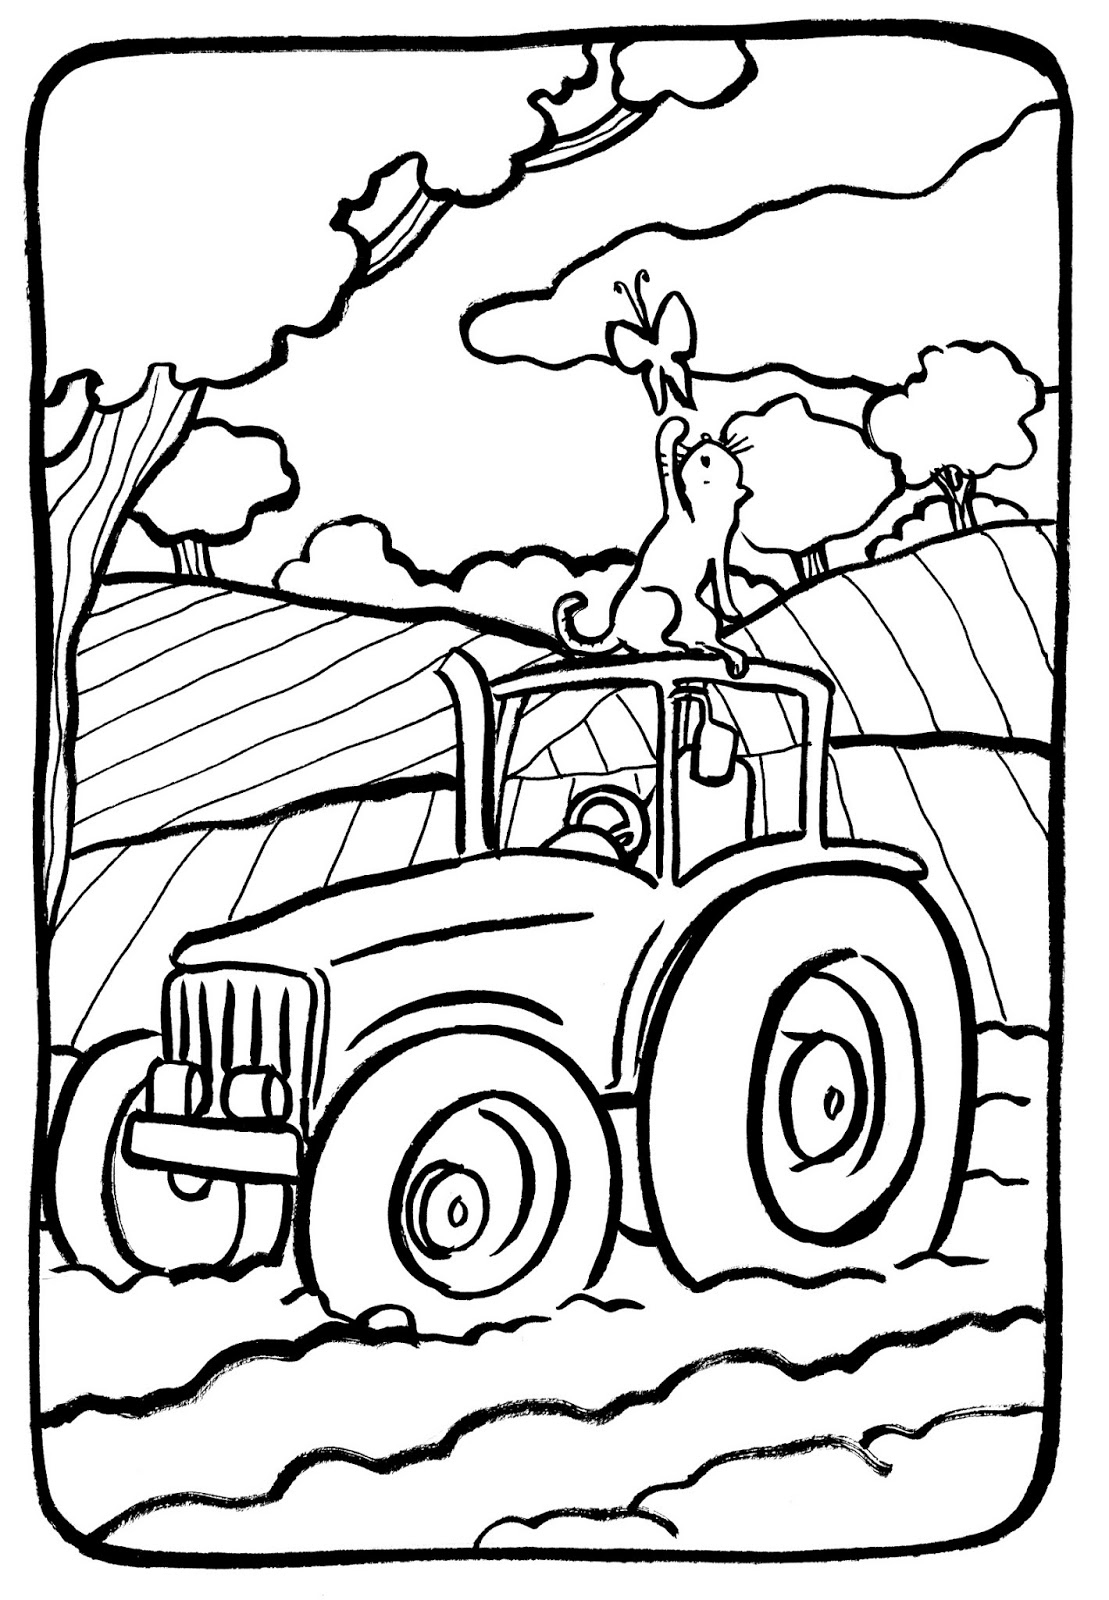 Dessins Gratuits À Colorier - Coloriage Tracteur À Imprimer avec Sam Le Tracteur Dessin Anime